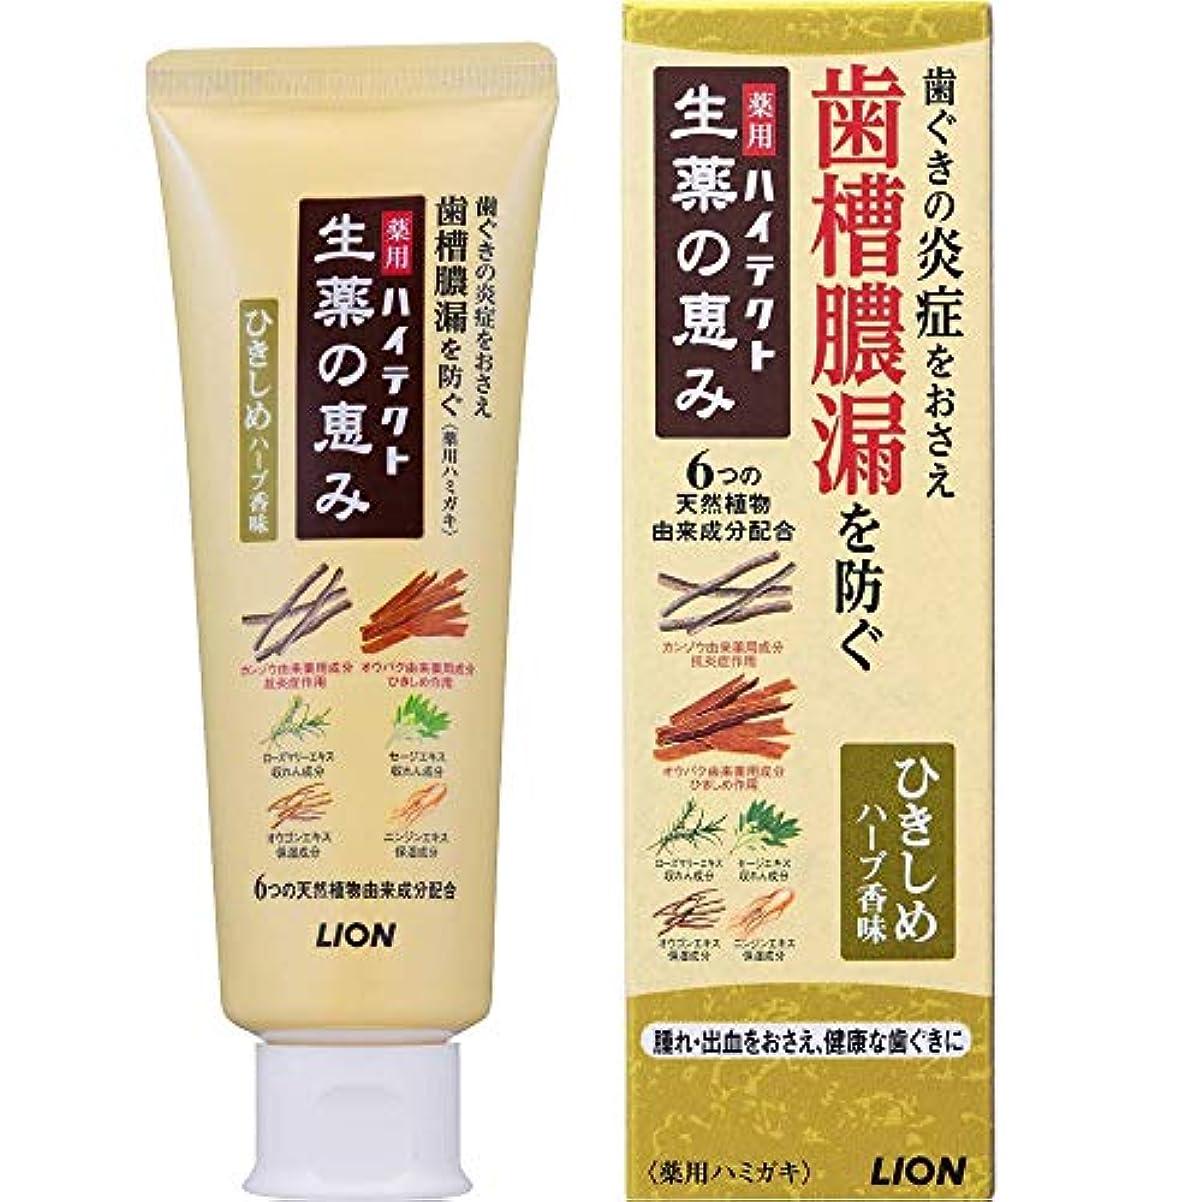 会社最終的に願う薬用ハイテクト生薬の恵み ひきしめハーブ香味 90g (医薬部外品)